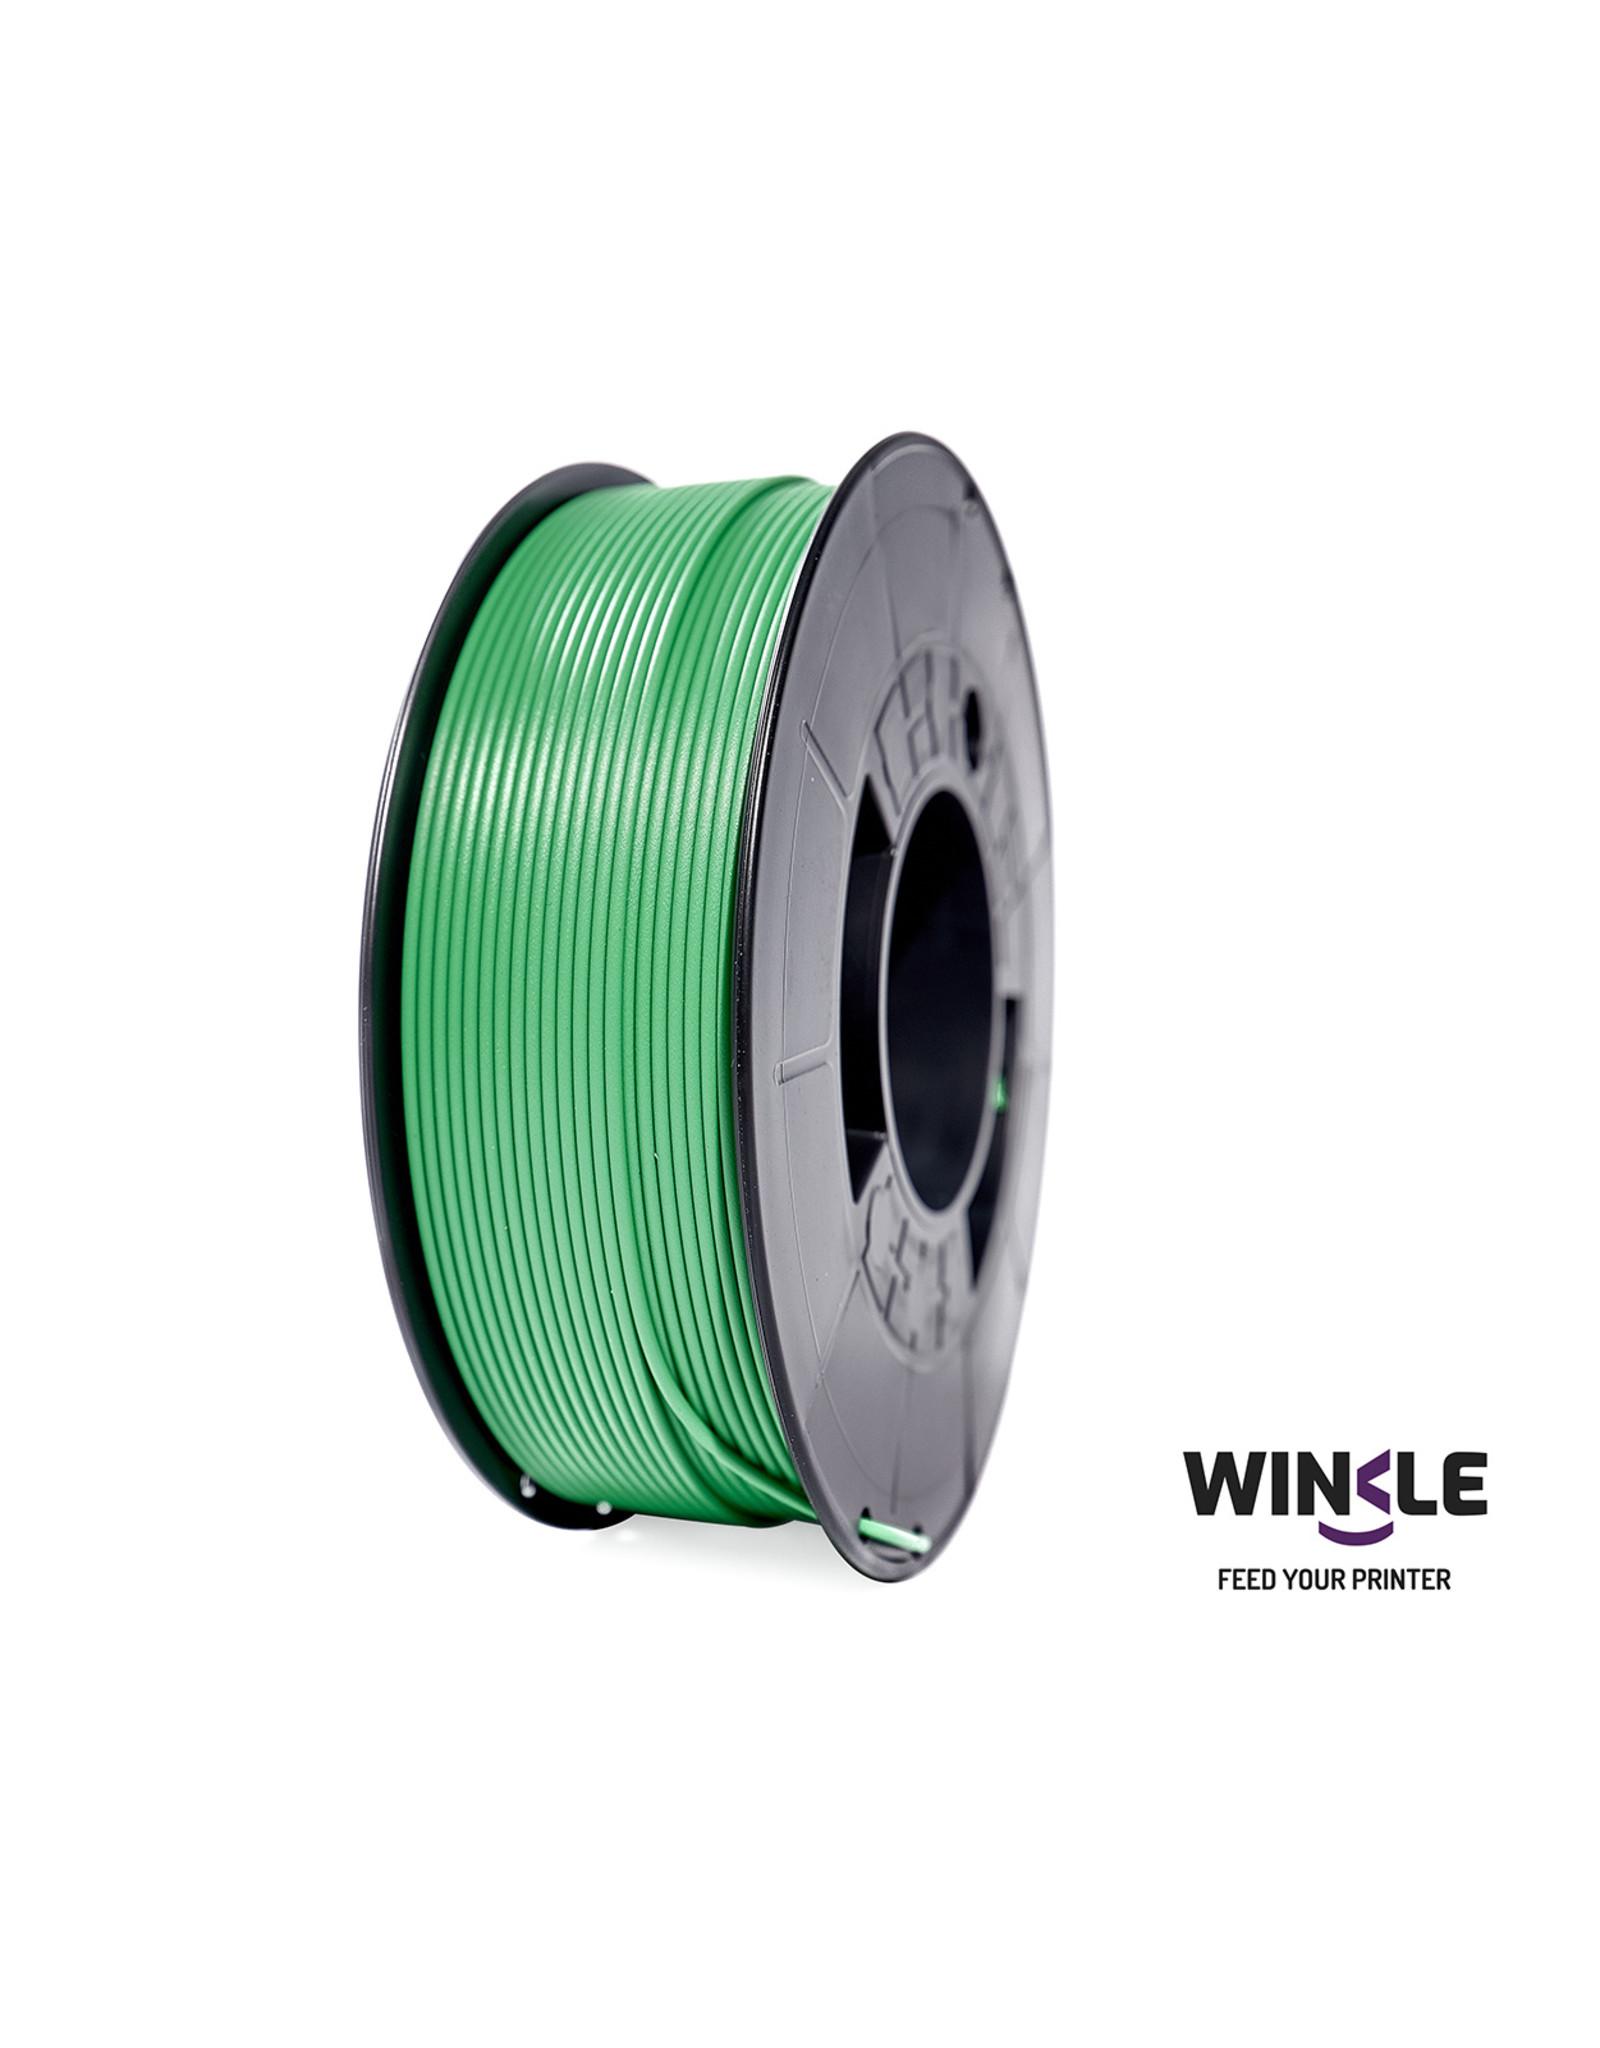 WINKLE PLA IE 870 WINKLE 1kg  Avocado Green